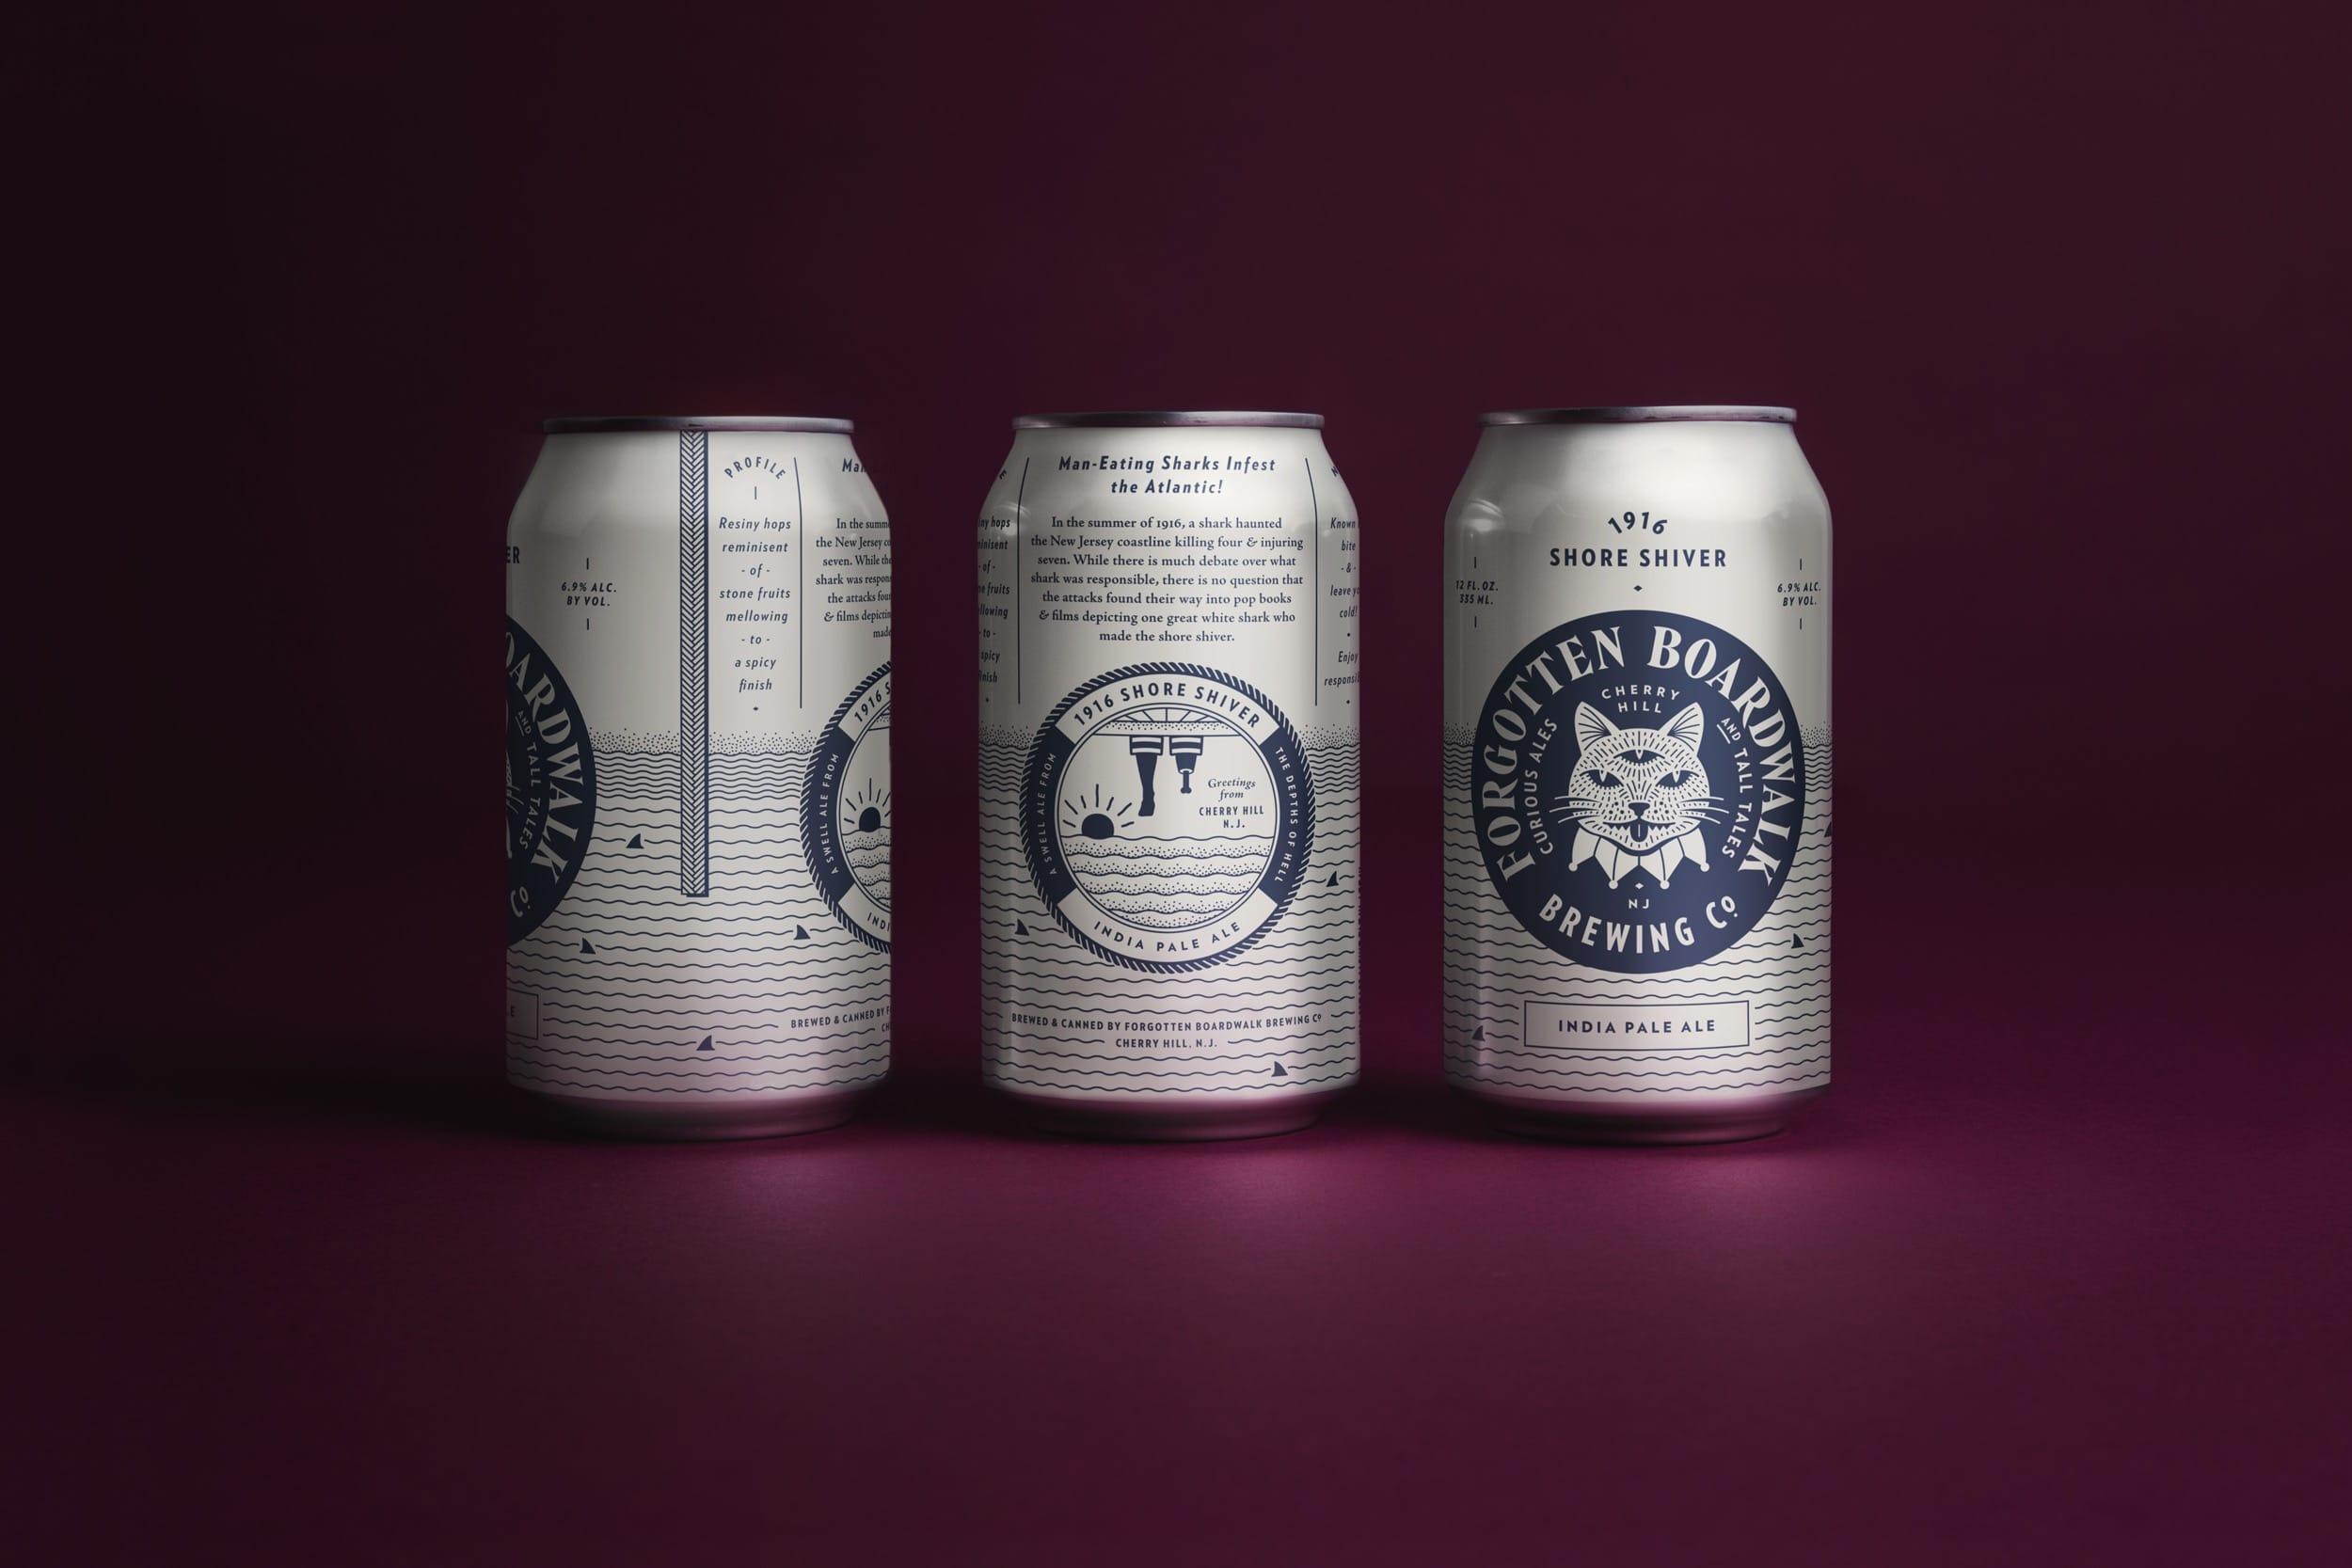 Forgotten-Boardwalk-Brewing-02-hero